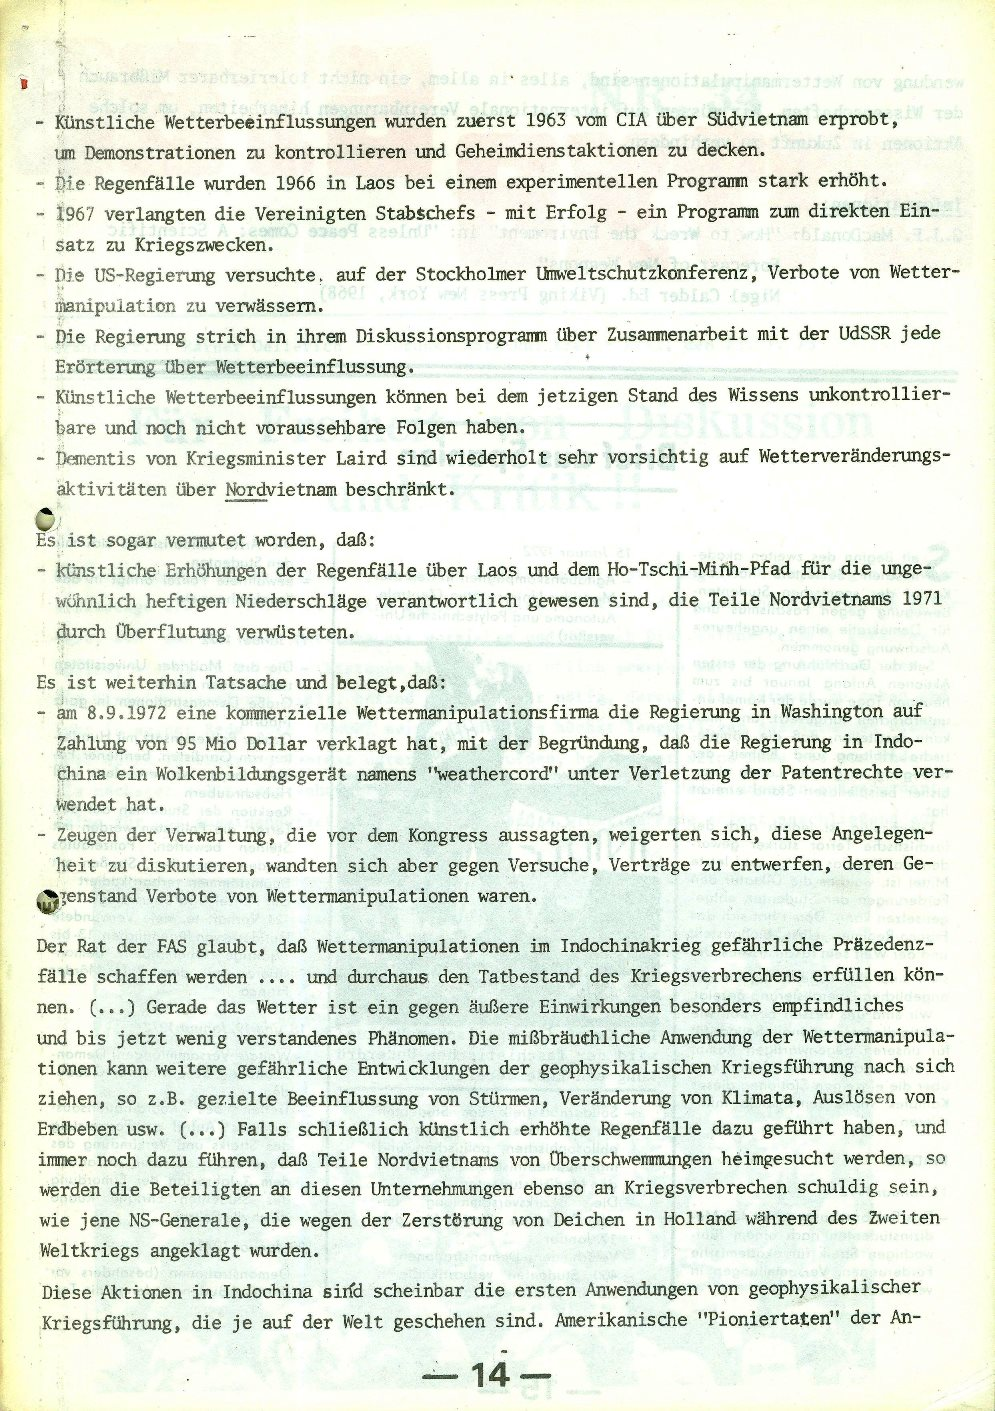 Kiel_Uni575